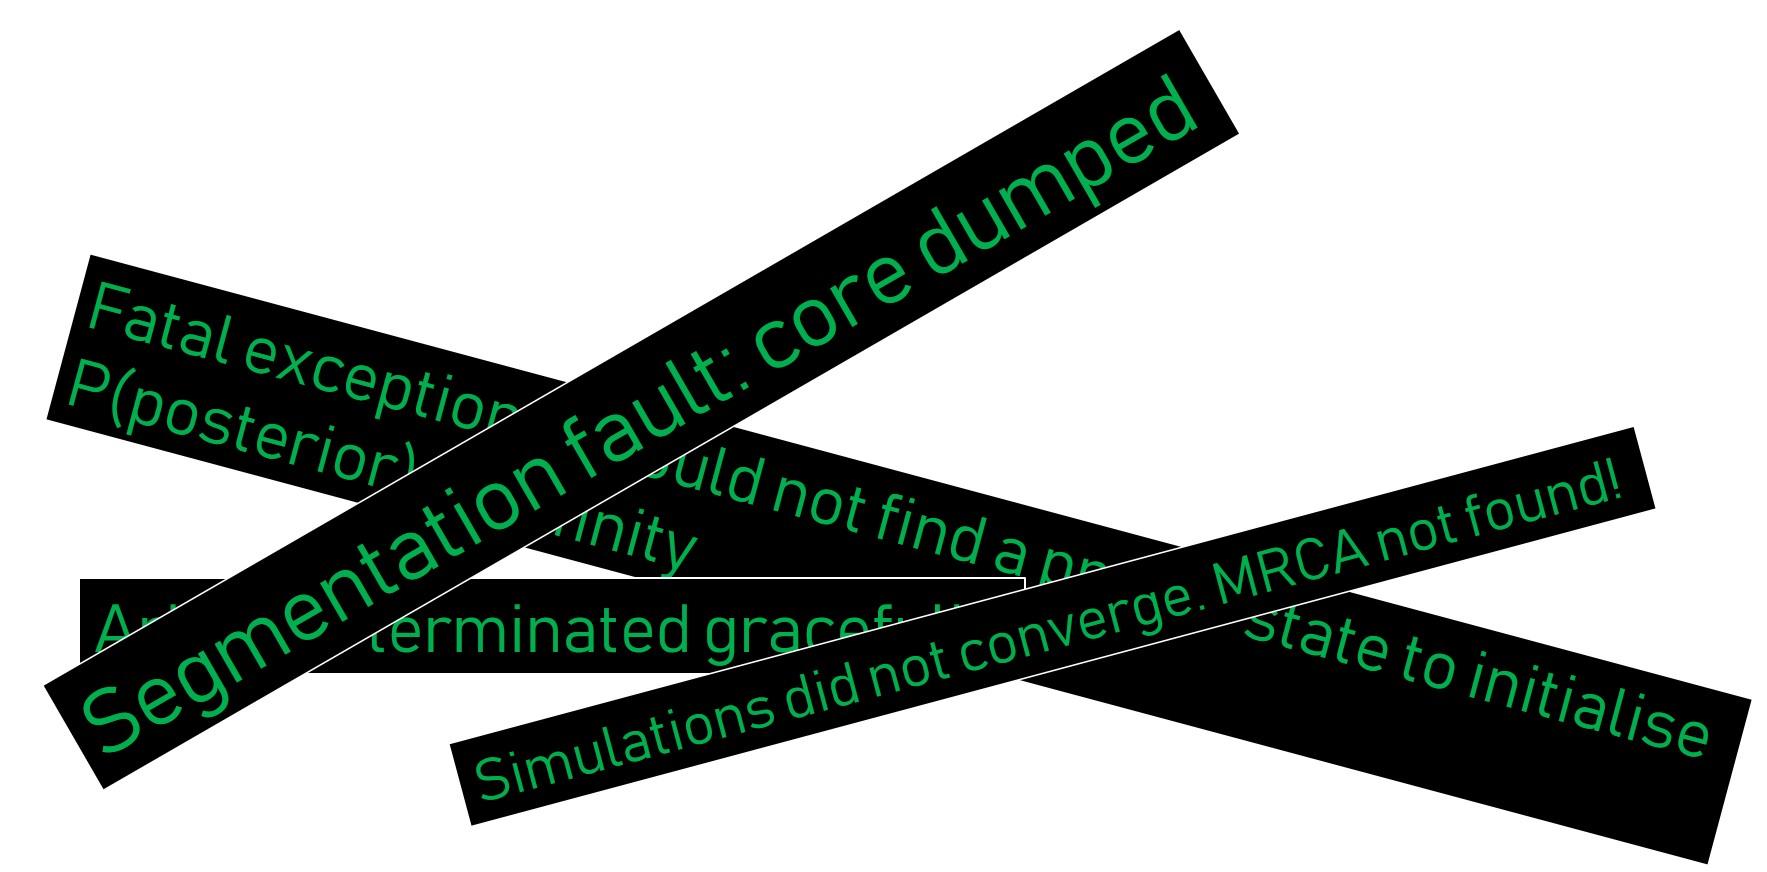 analysis error messages collage.jpg